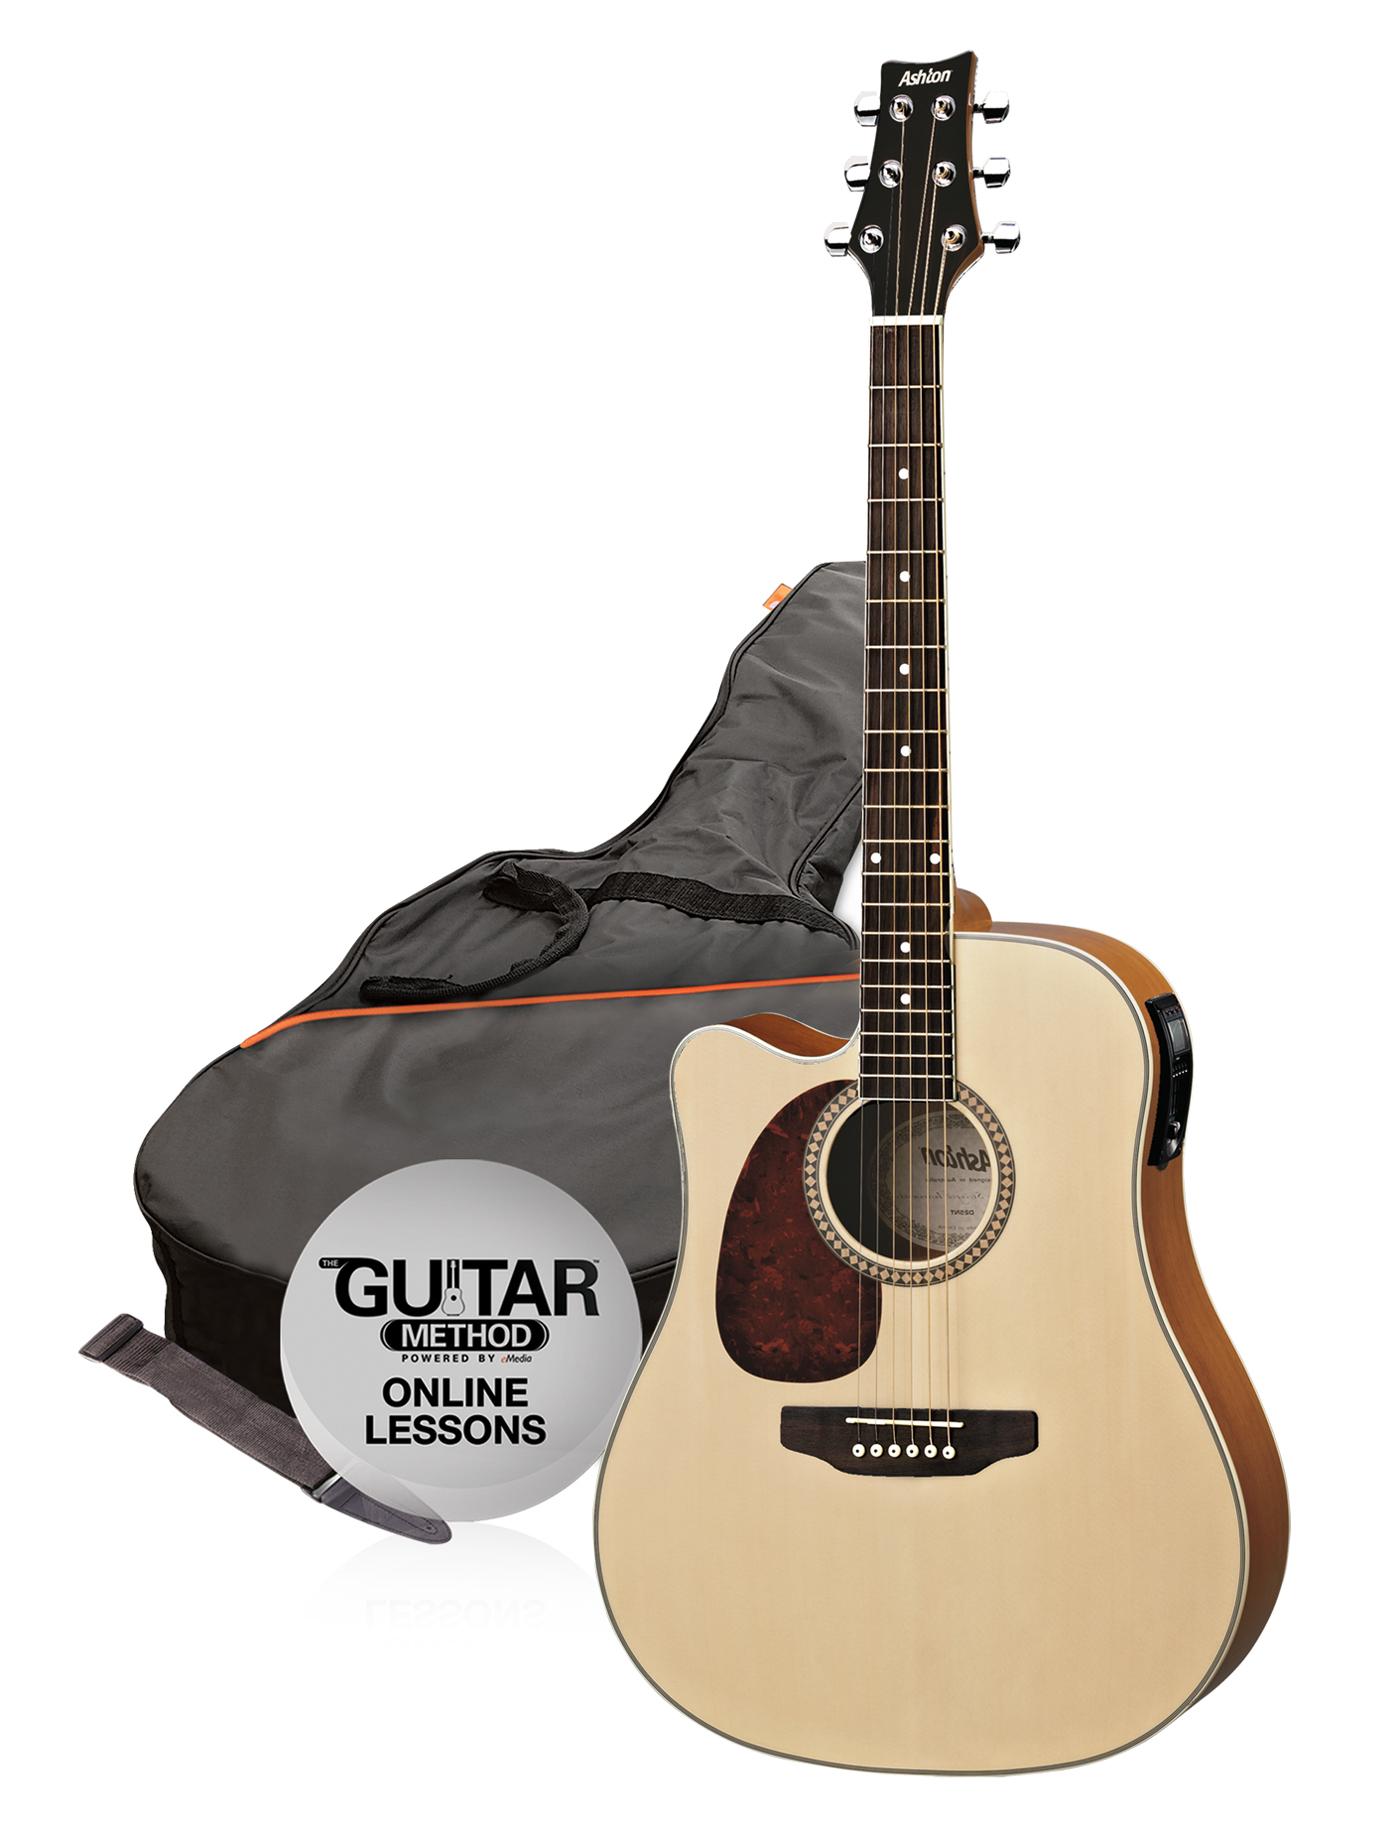 yamaha left handed guitar. Black Bedroom Furniture Sets. Home Design Ideas